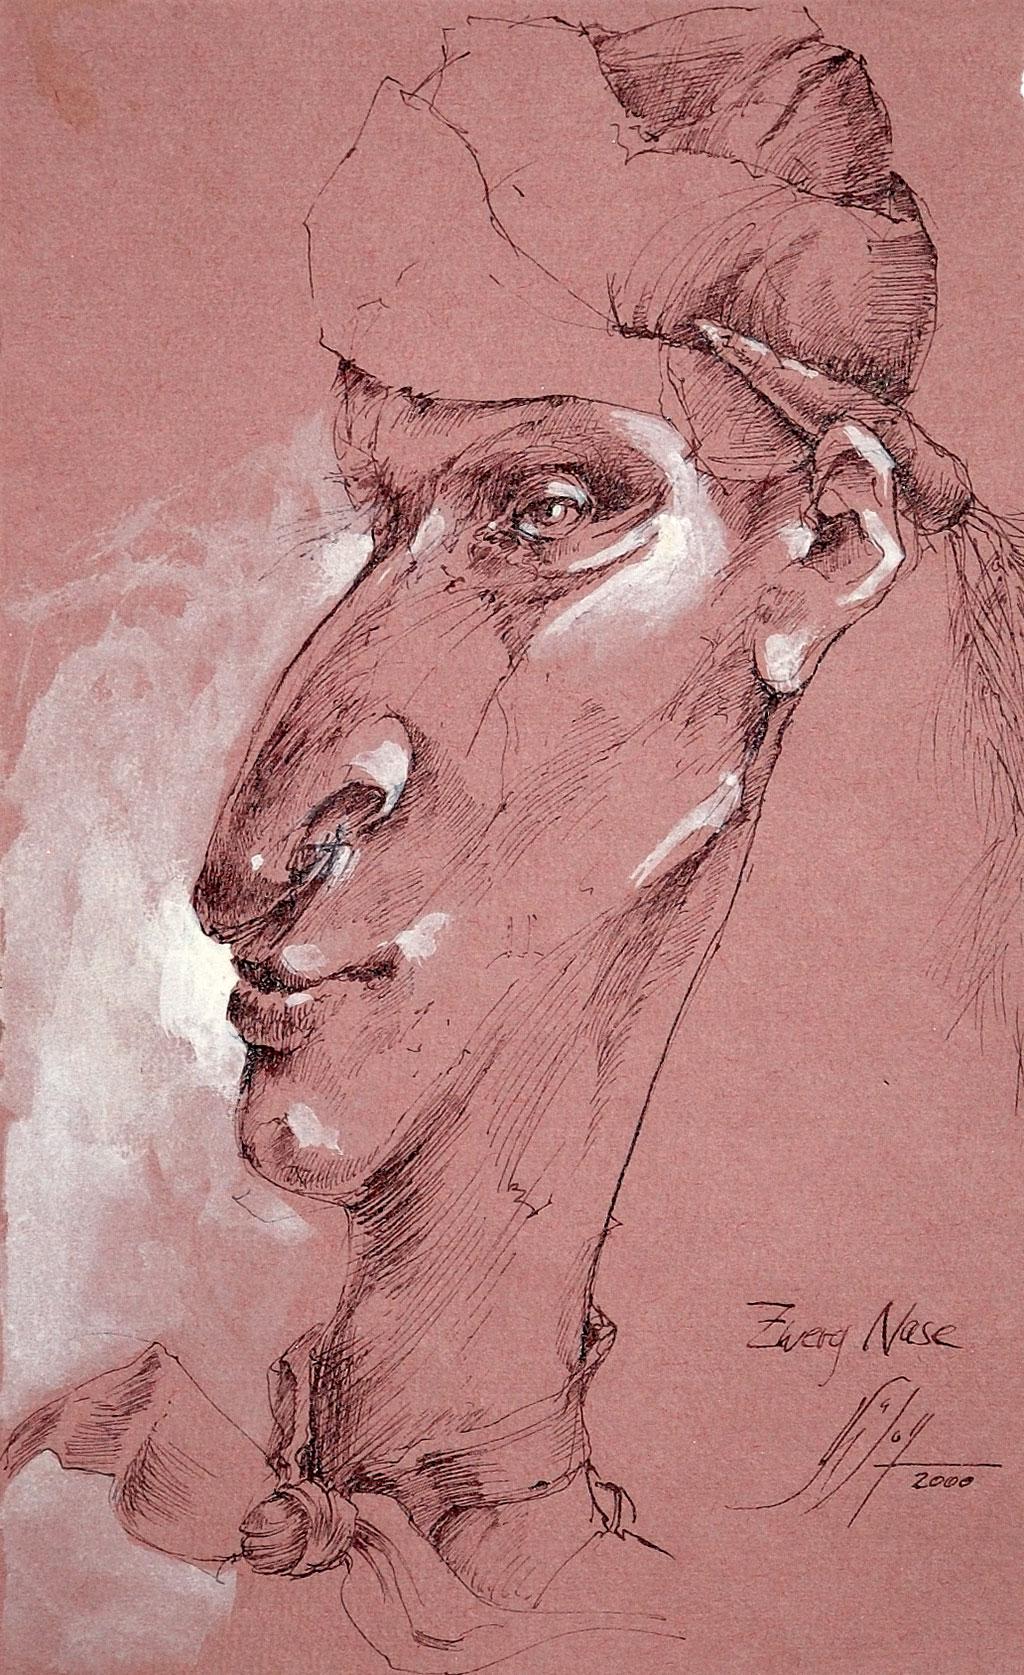 Zwerg Nase Bilder Malerei und Zeichnung